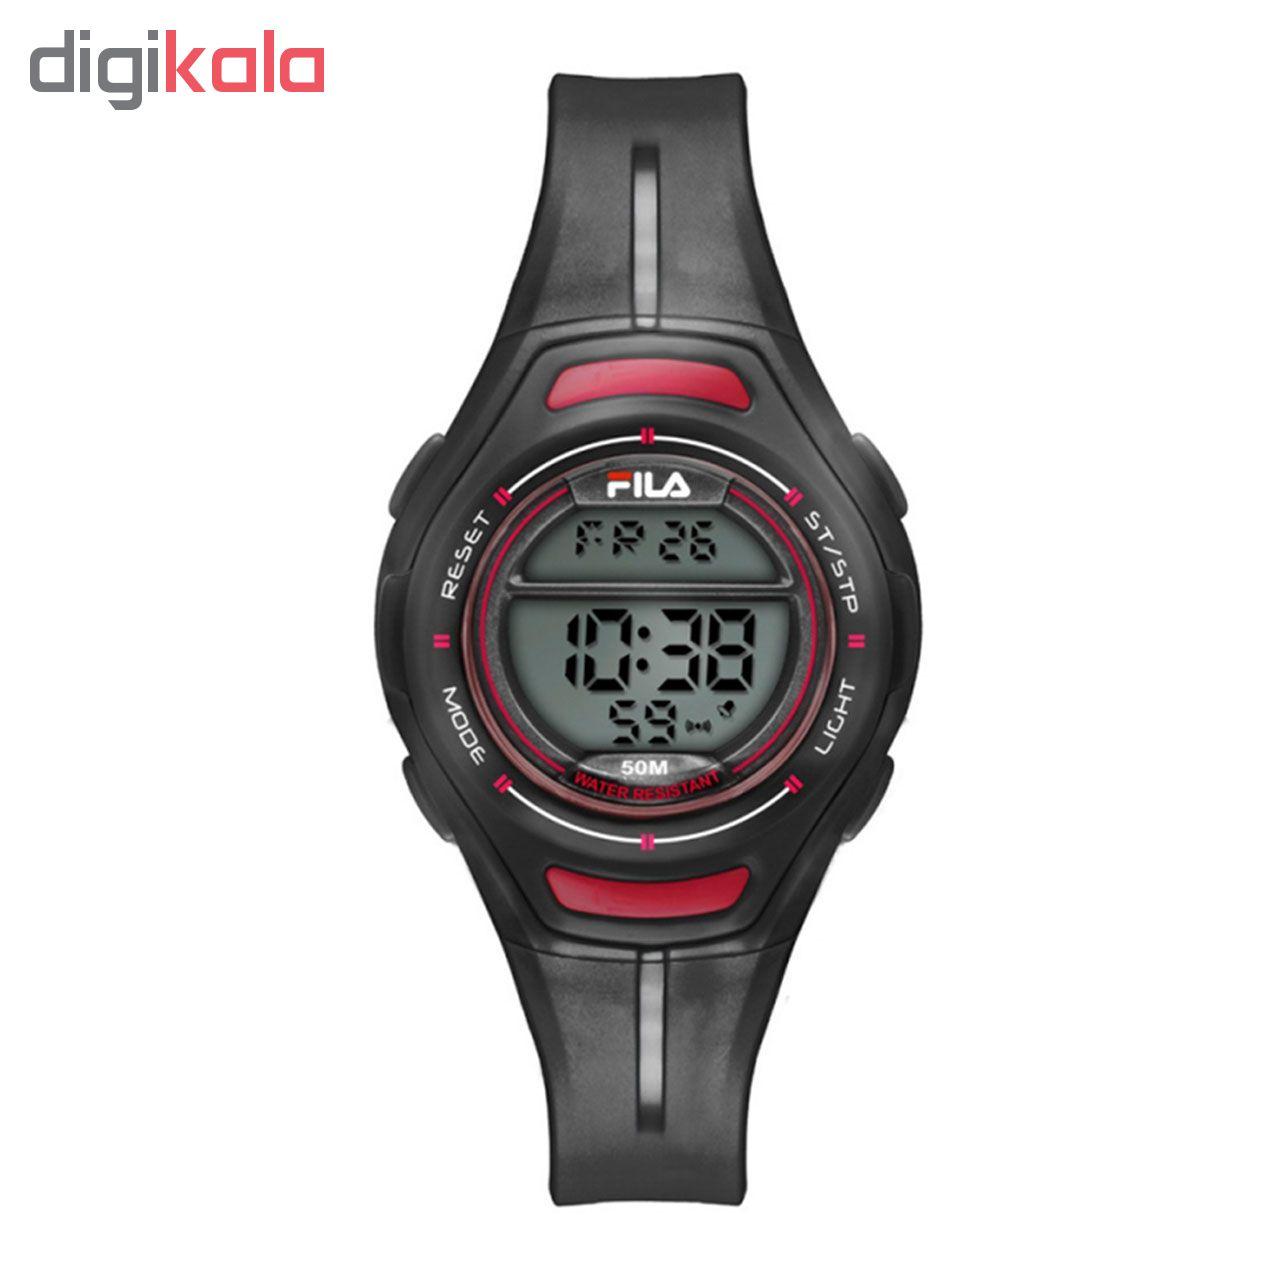 ساعت مچی دیجیتالی زنانه ی فیلا مدل 38-098-003